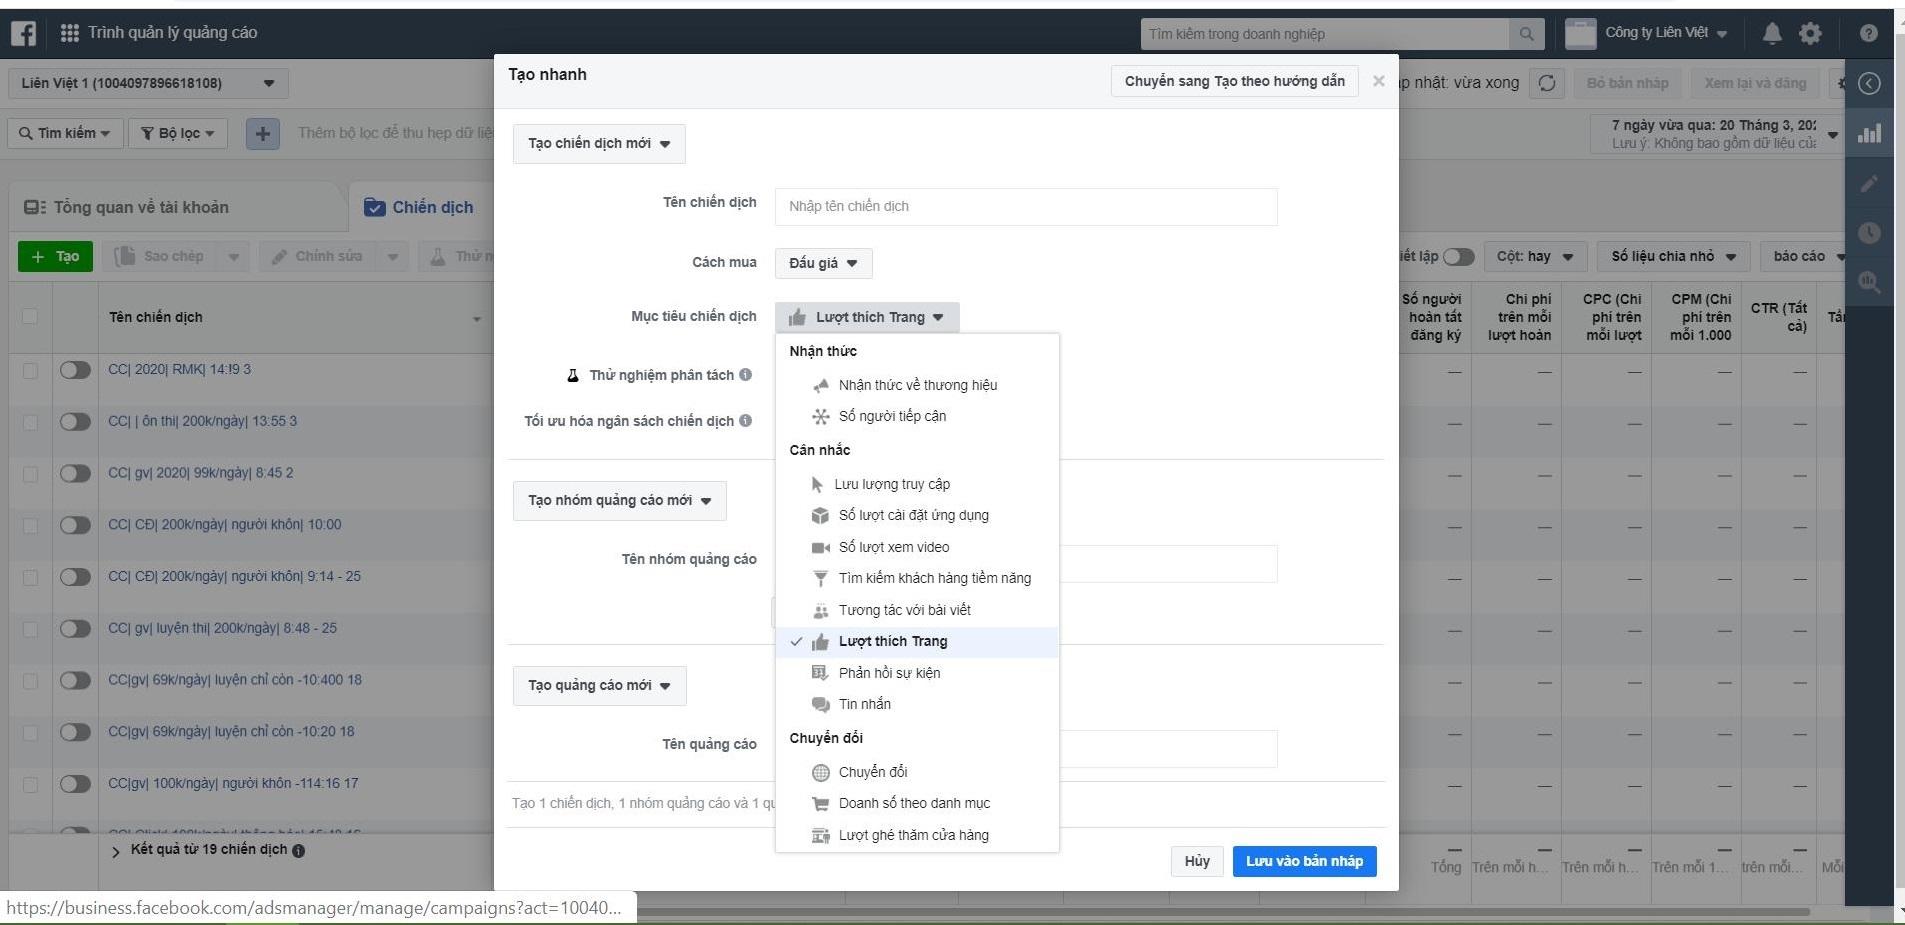 Tăng lượt theo dõi Facebook bằng cách chạy quảng cáo Facebook